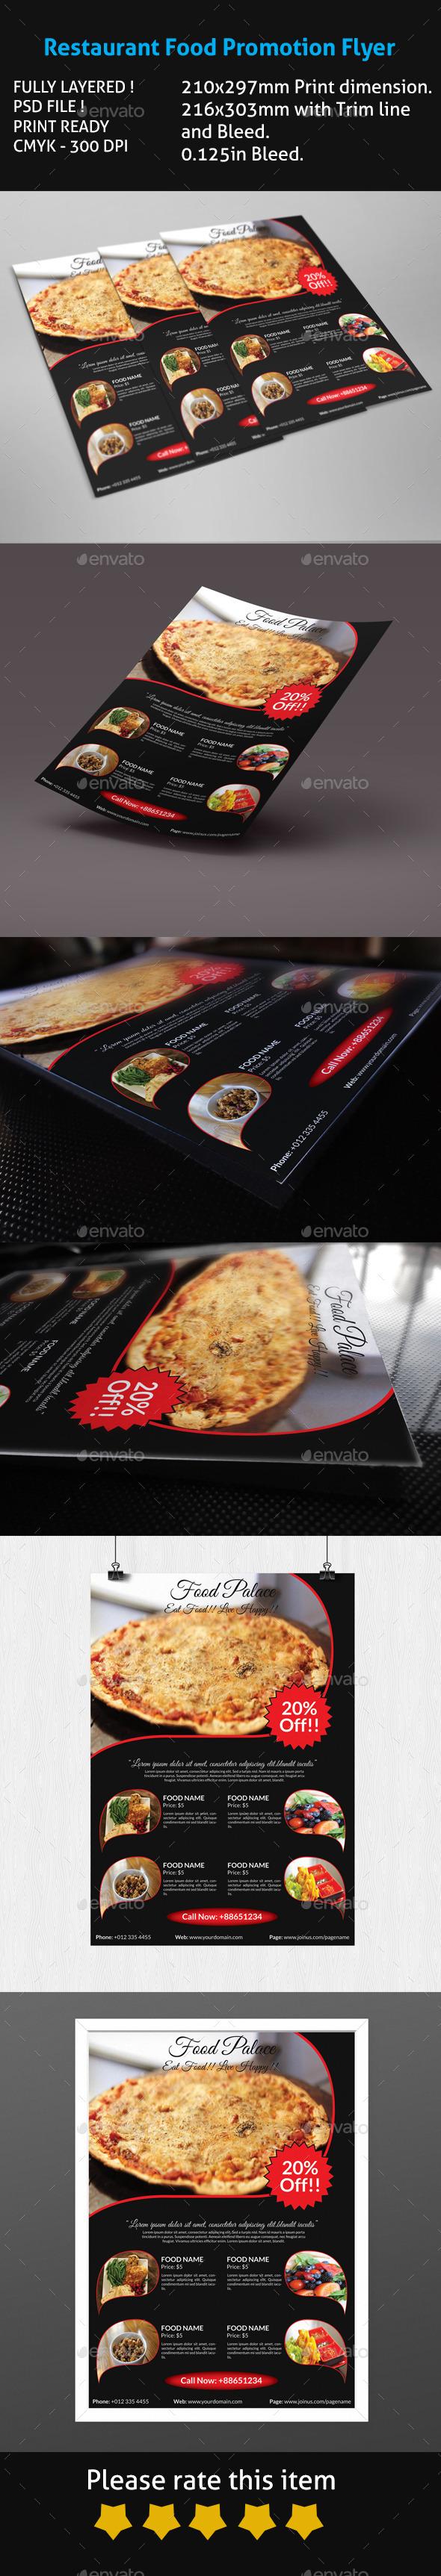 Restaurant Food Promotion Flyer